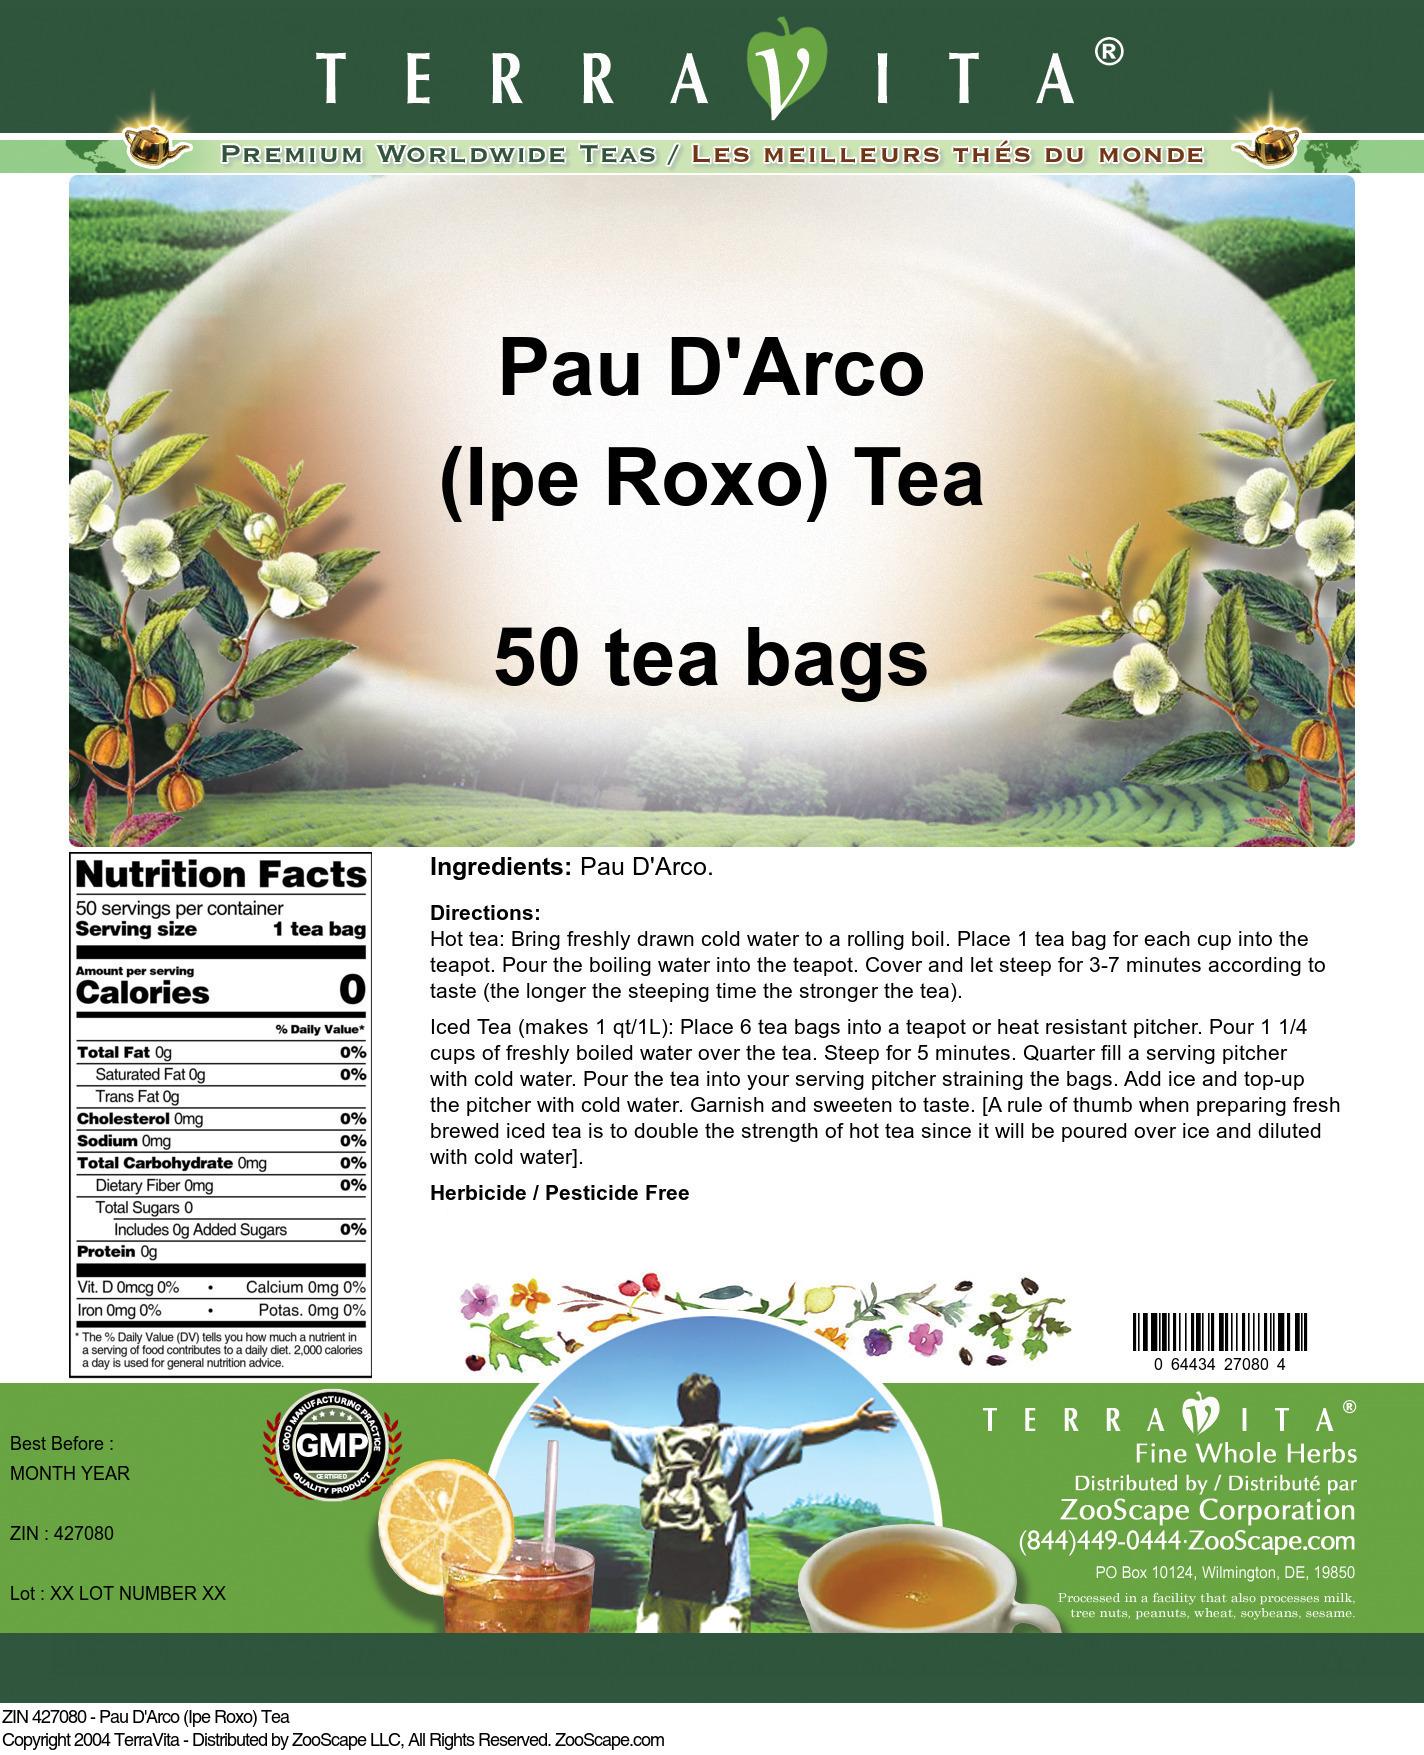 Pau D'Arco (Ipe Roxo) Tea - Label